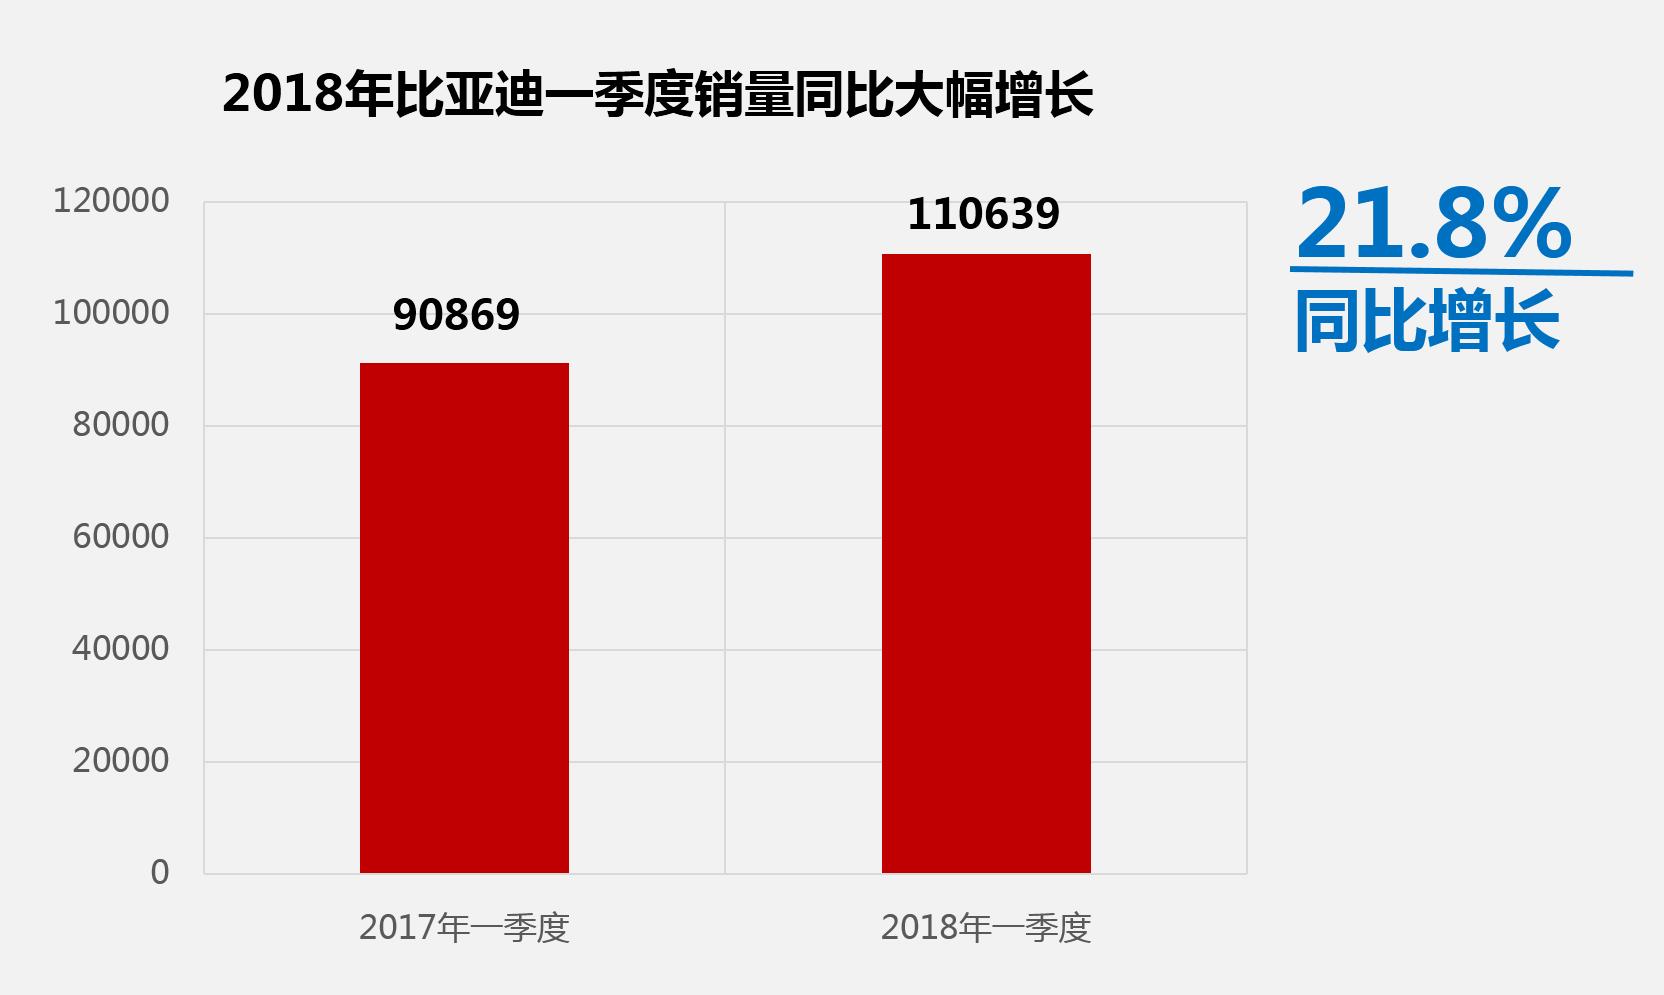 宋家族月销破2万 比亚迪一季度同比增长超21%